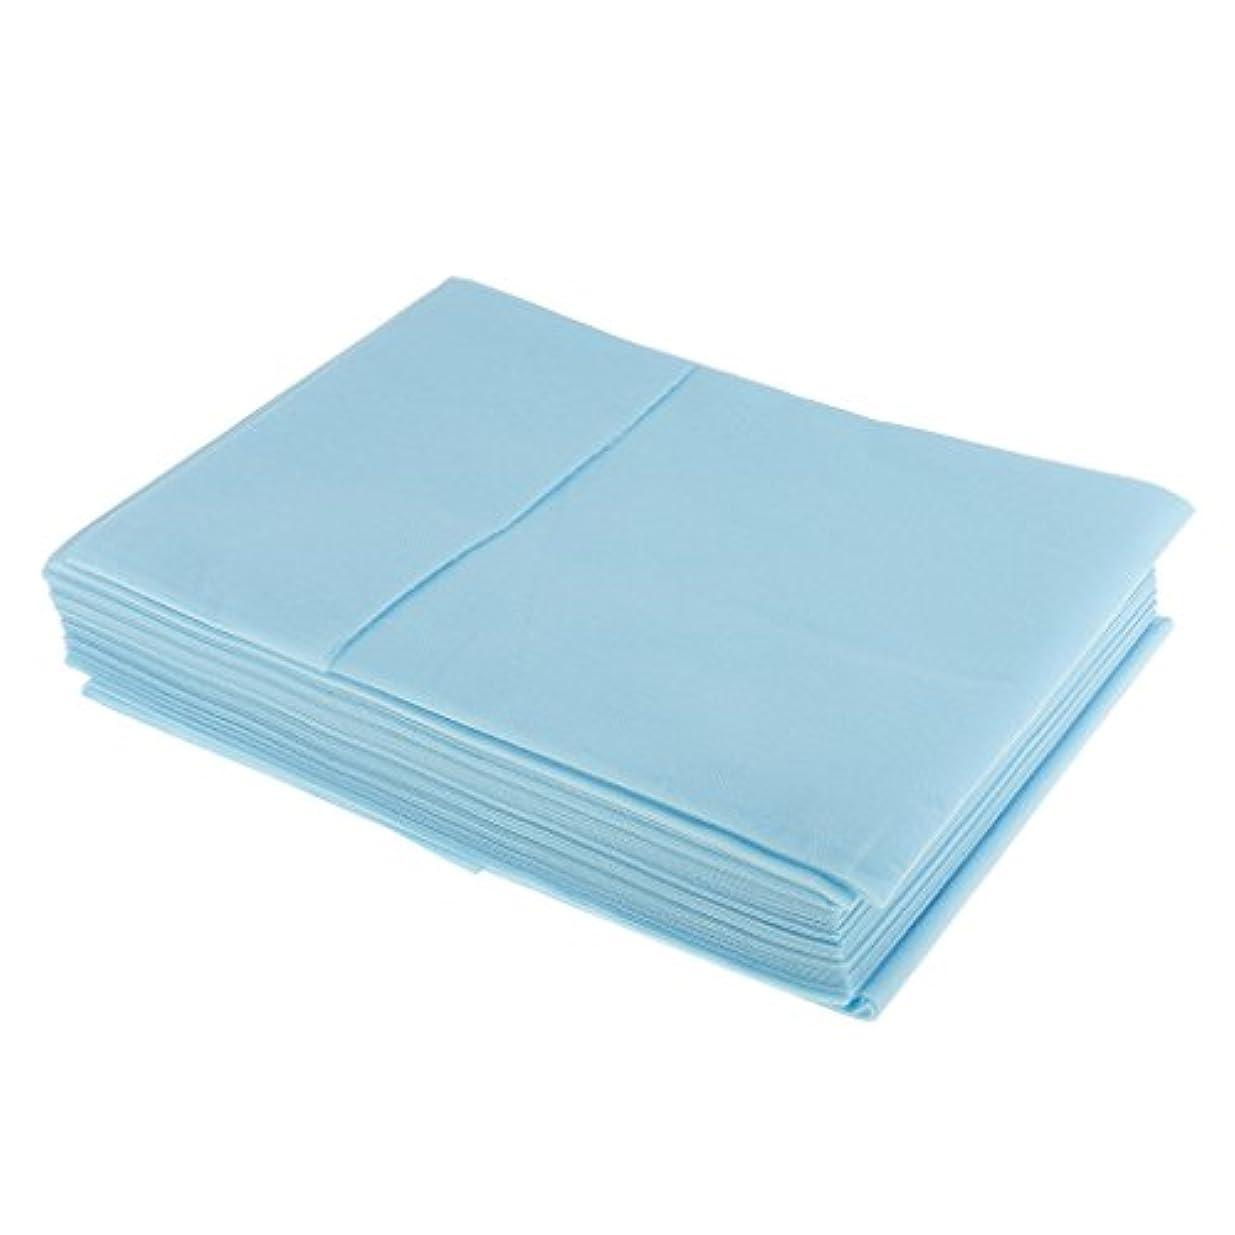 パキスタン愛人そこから10枚入り 使い捨て 衛生シート ベッドパッド 旅行用 美容室/マッサージ/サロン/ホテル 店舗用品 全3色選べ - 青